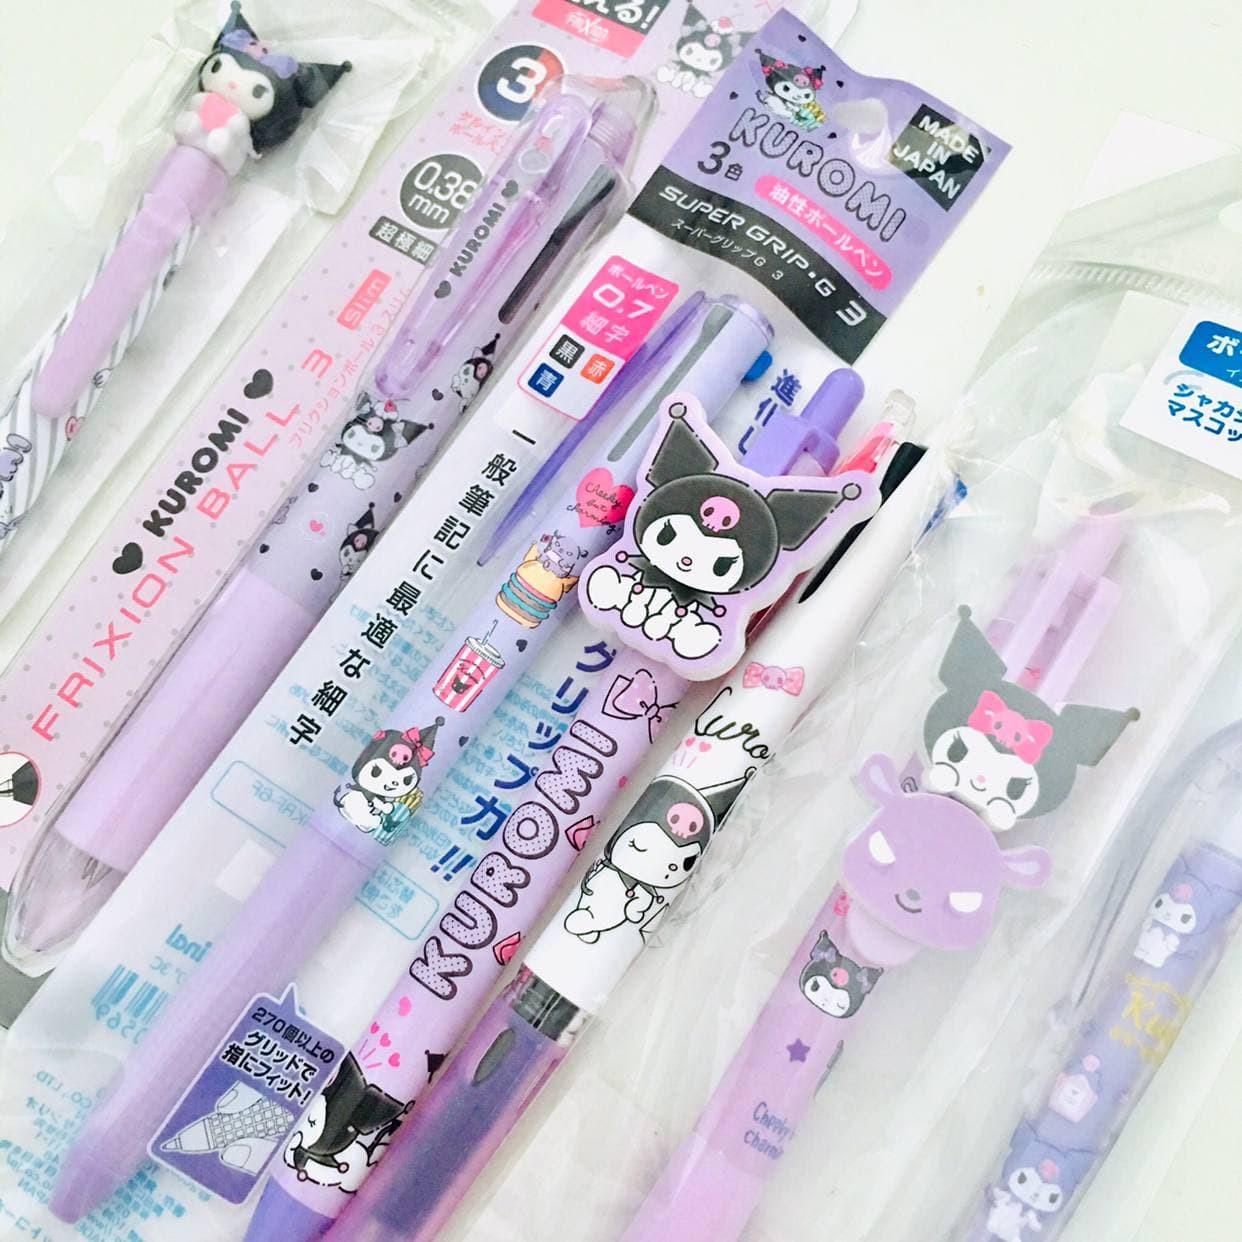 kuromi-pen-and-pencil